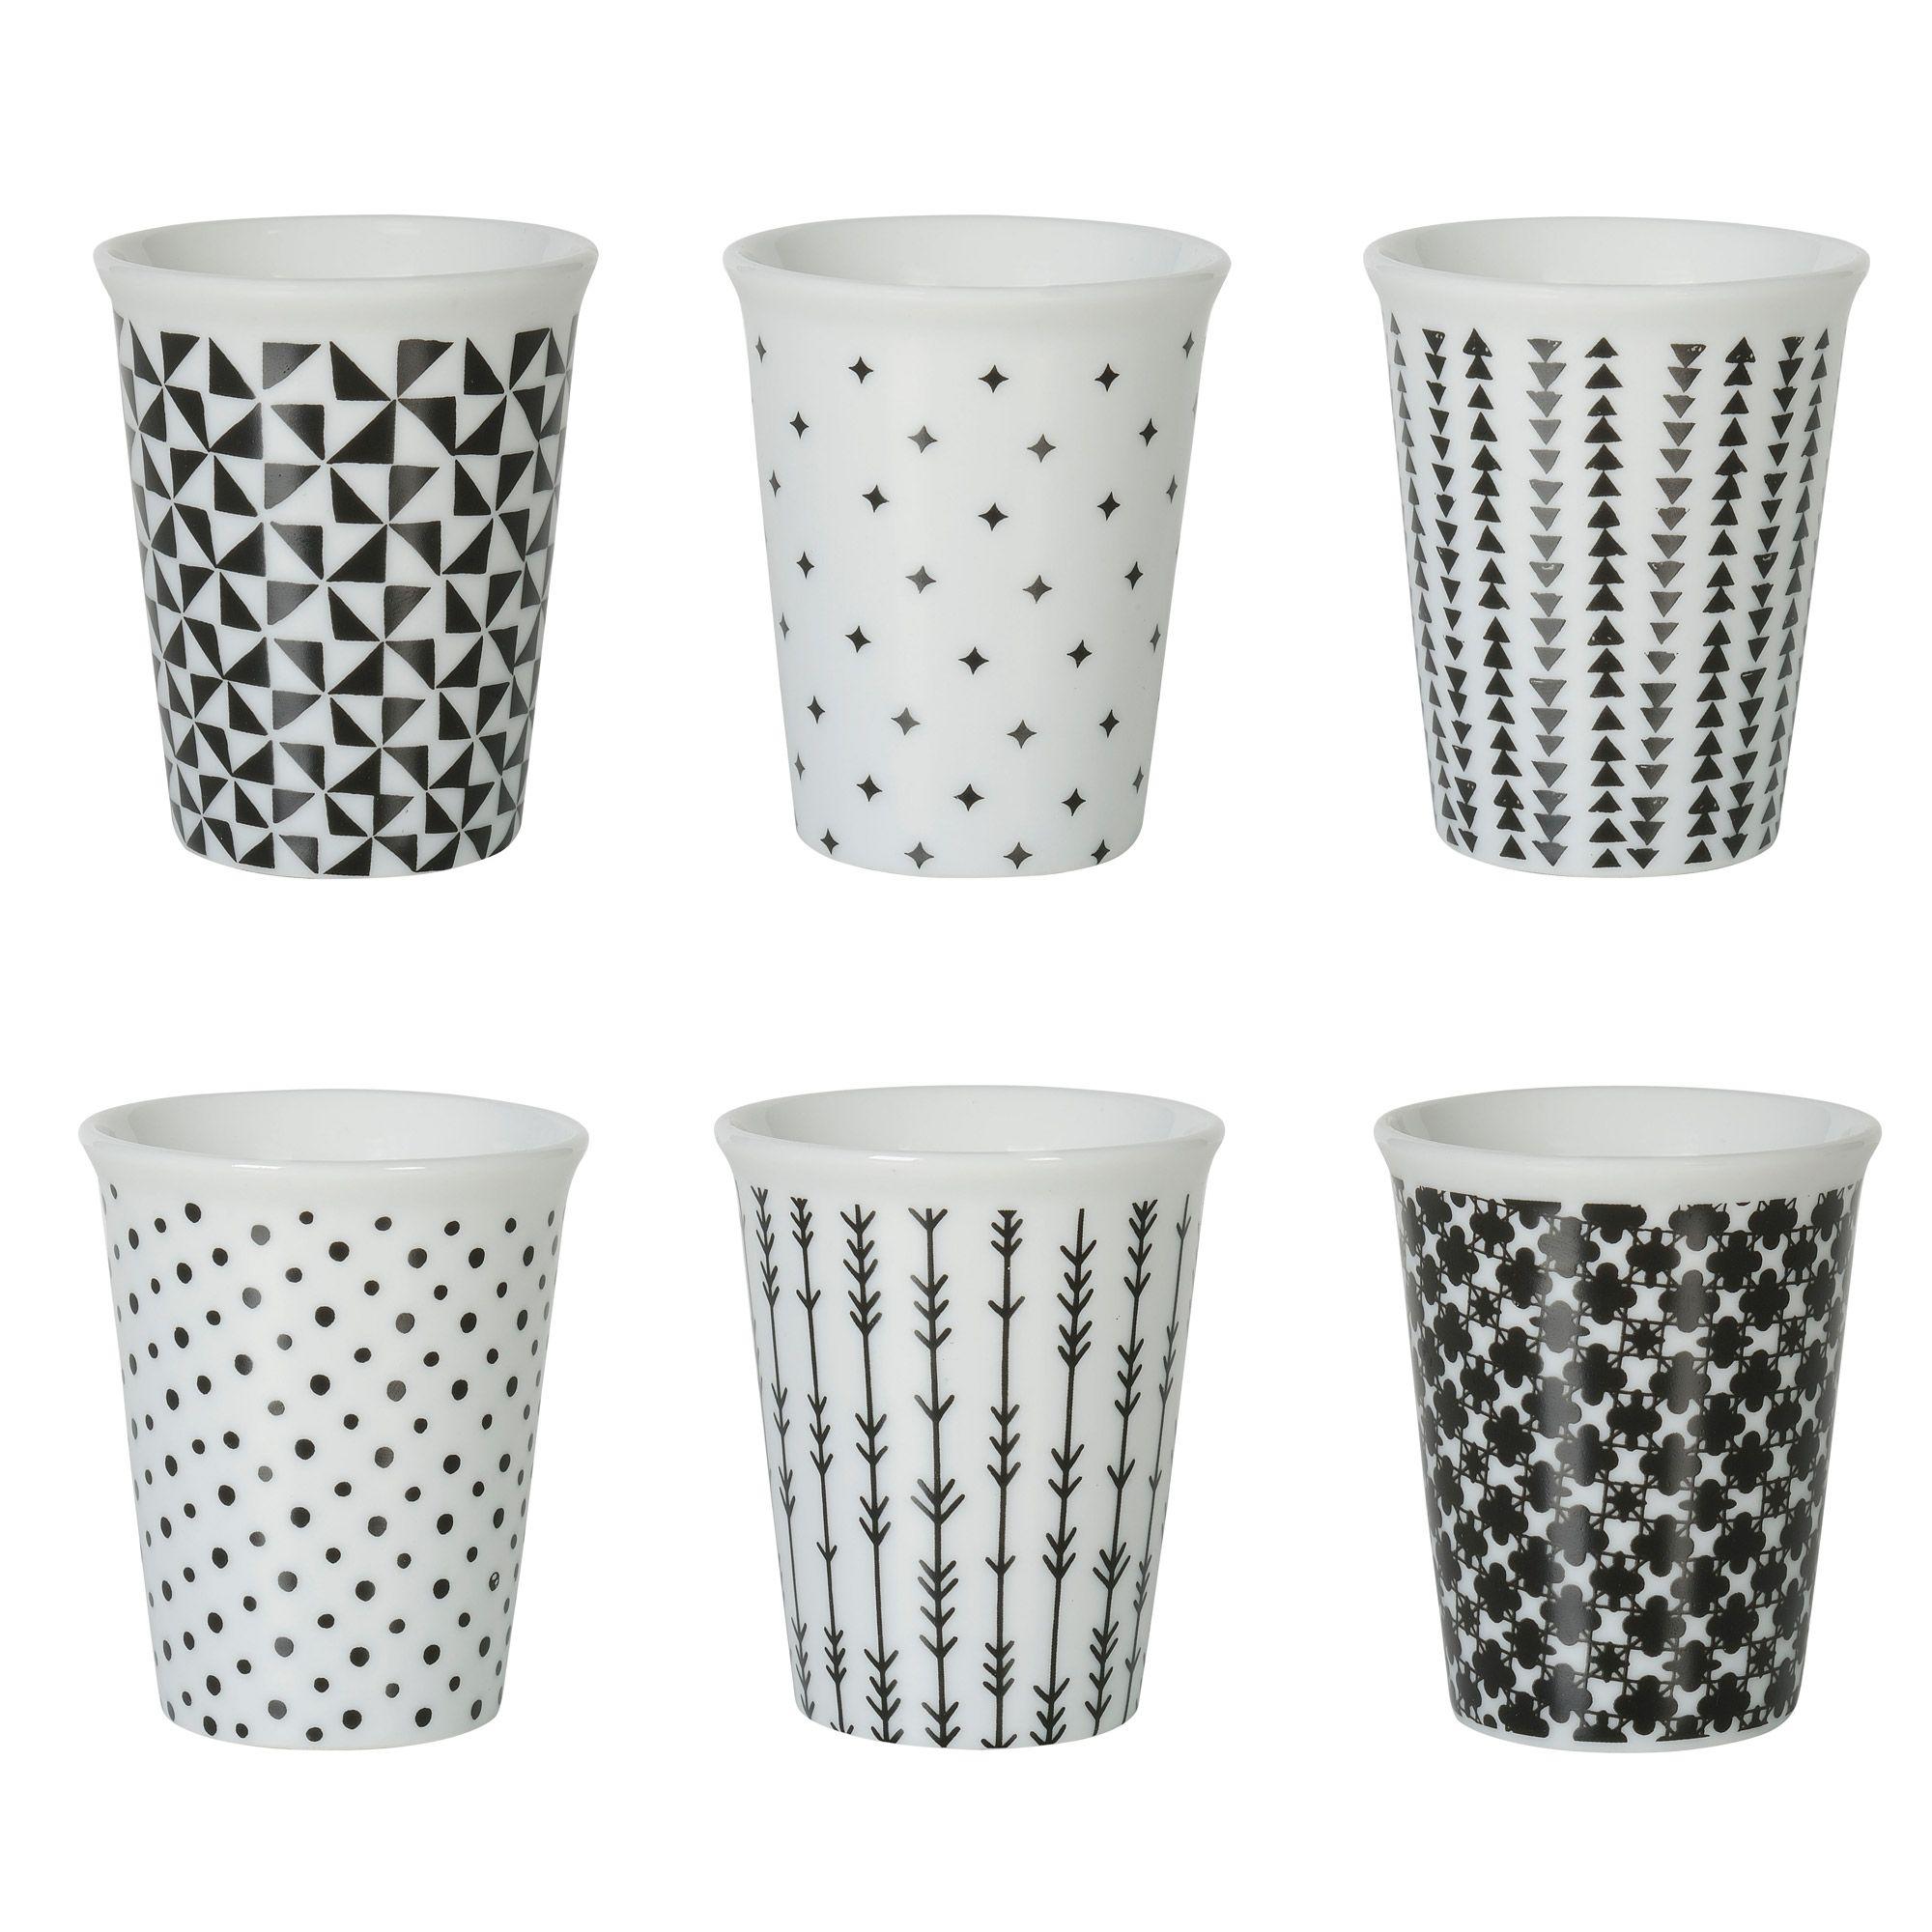 Tasse Expresso Porcelaine Motif G Om Trique Noir Blanc Coffret  # Verres Noirs Et Blanc